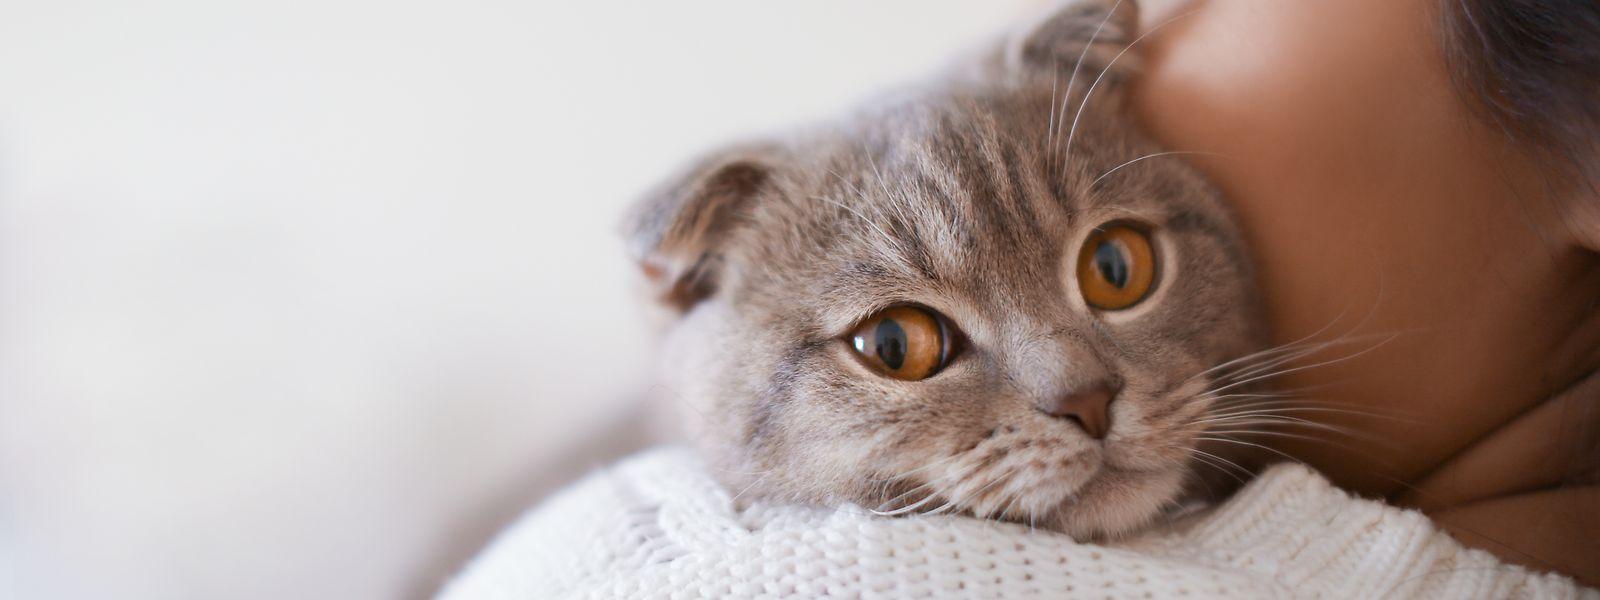 Genaue Zahlen liegen nicht vor, aber laut einer Studie leiden in den USA rund zwölf Prozent der Bevölkerung unter einer Katzen- oder Hundeallergie. Die Werte für europäische Länder dürften vergleichbar sein.